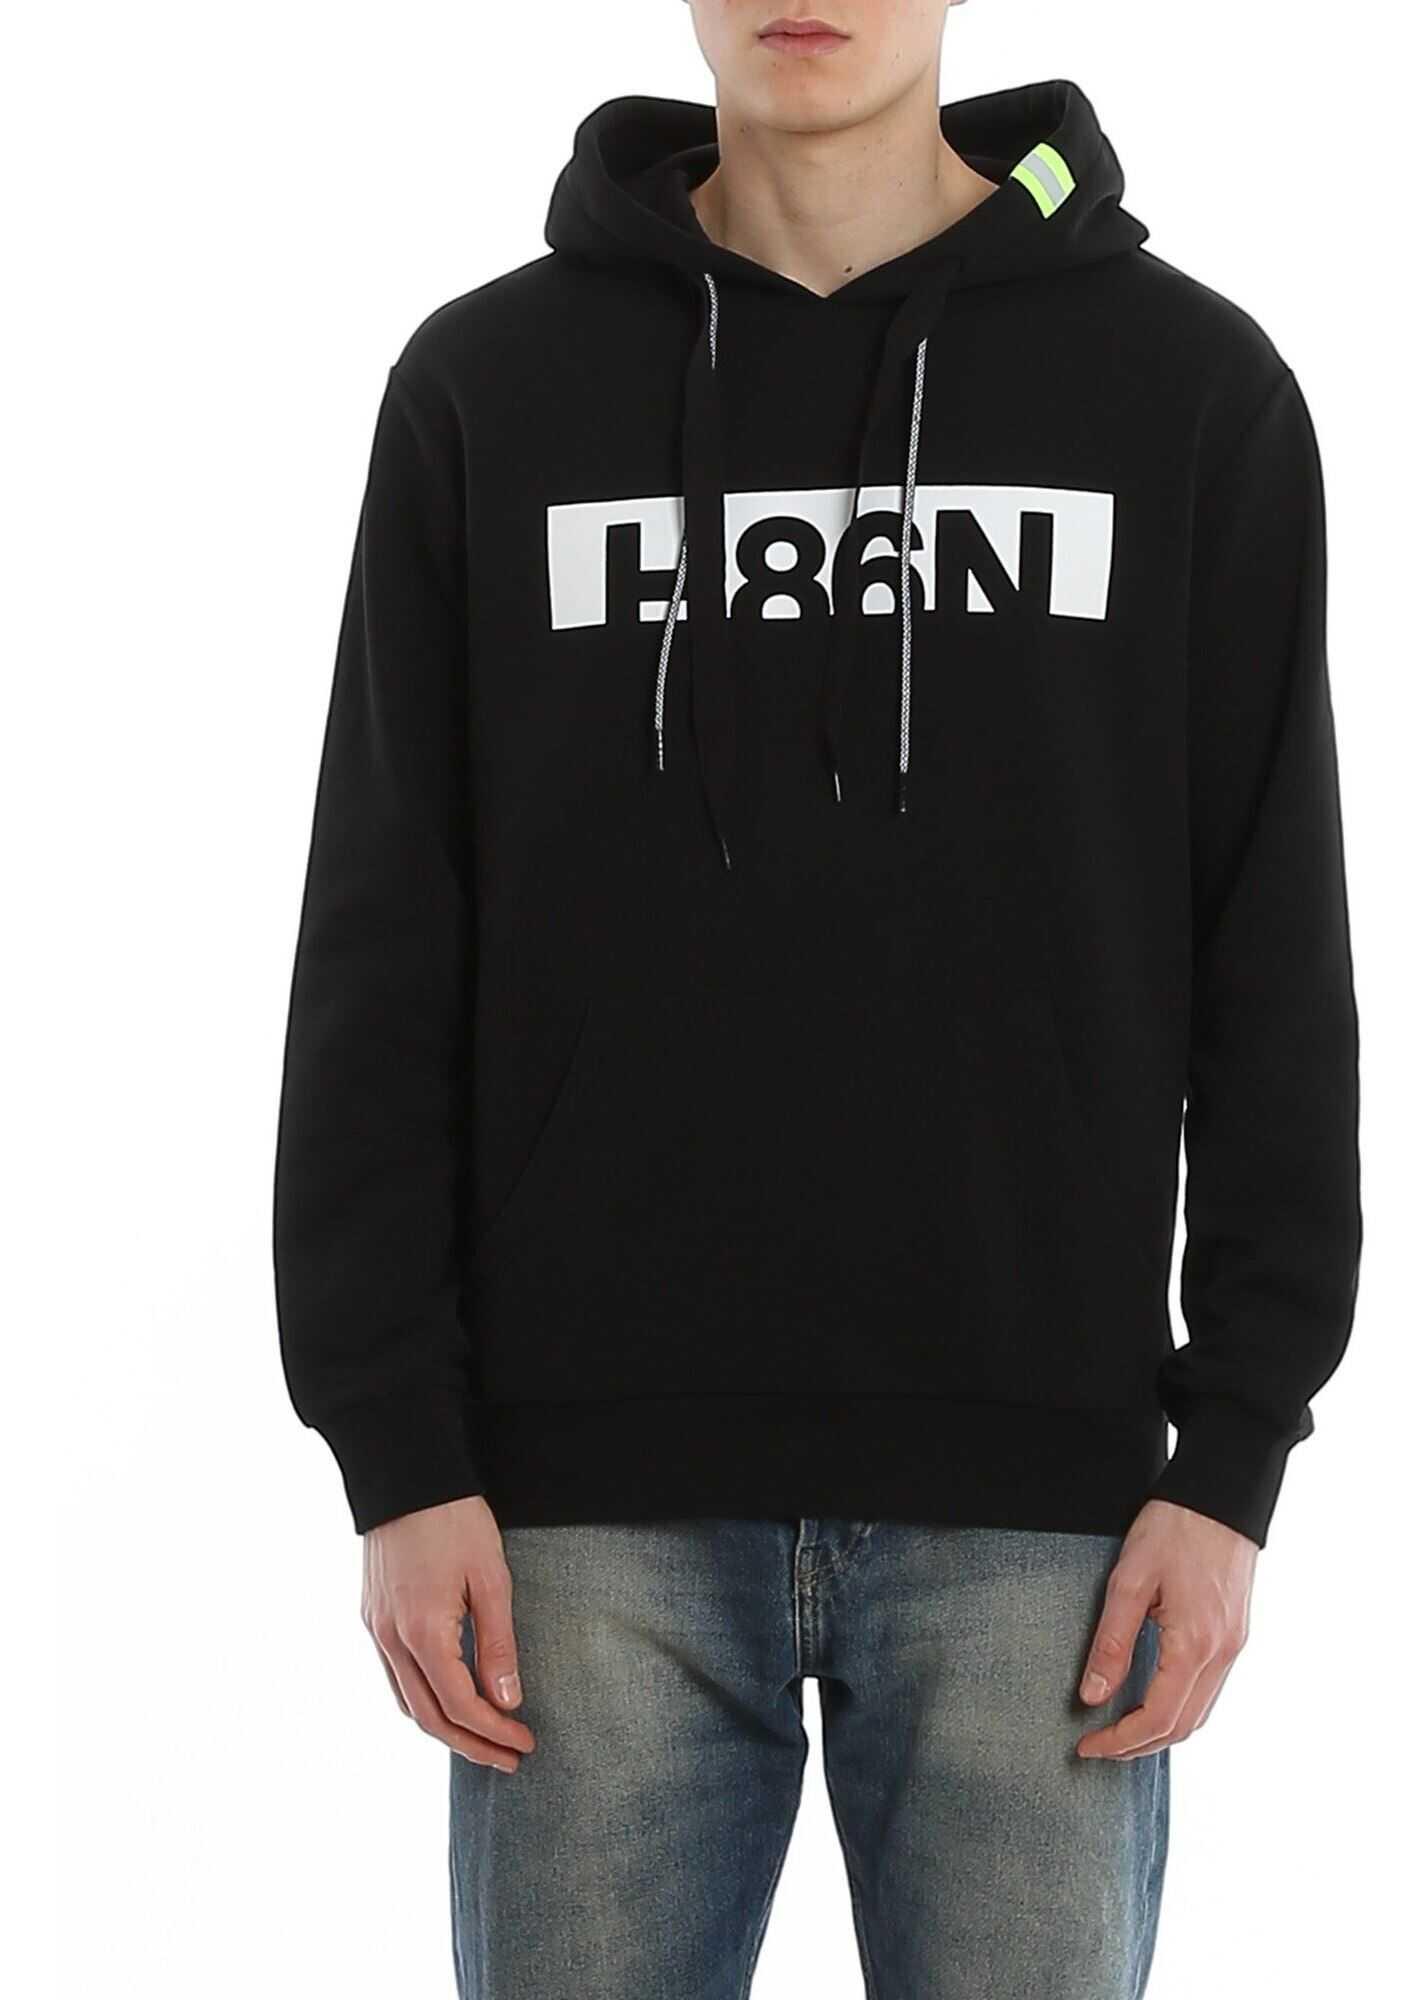 Hogan H86N Logo Sweatshirt In Black Black